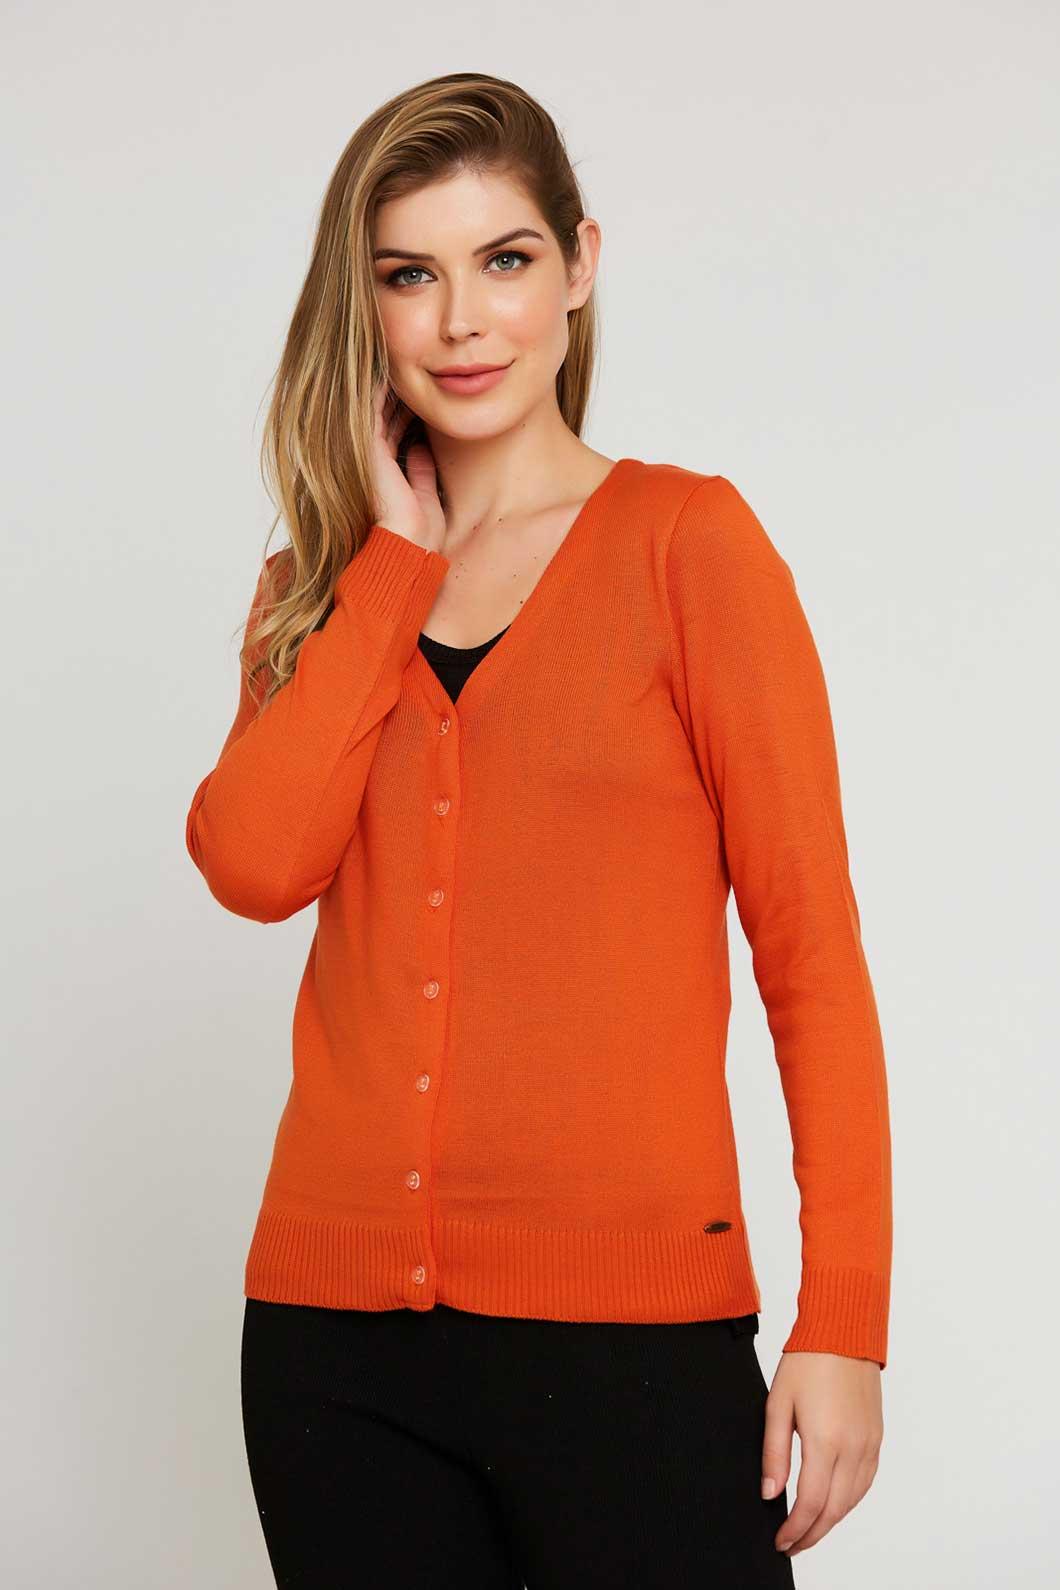 Casaco Ralm tricot com botões - Laranja